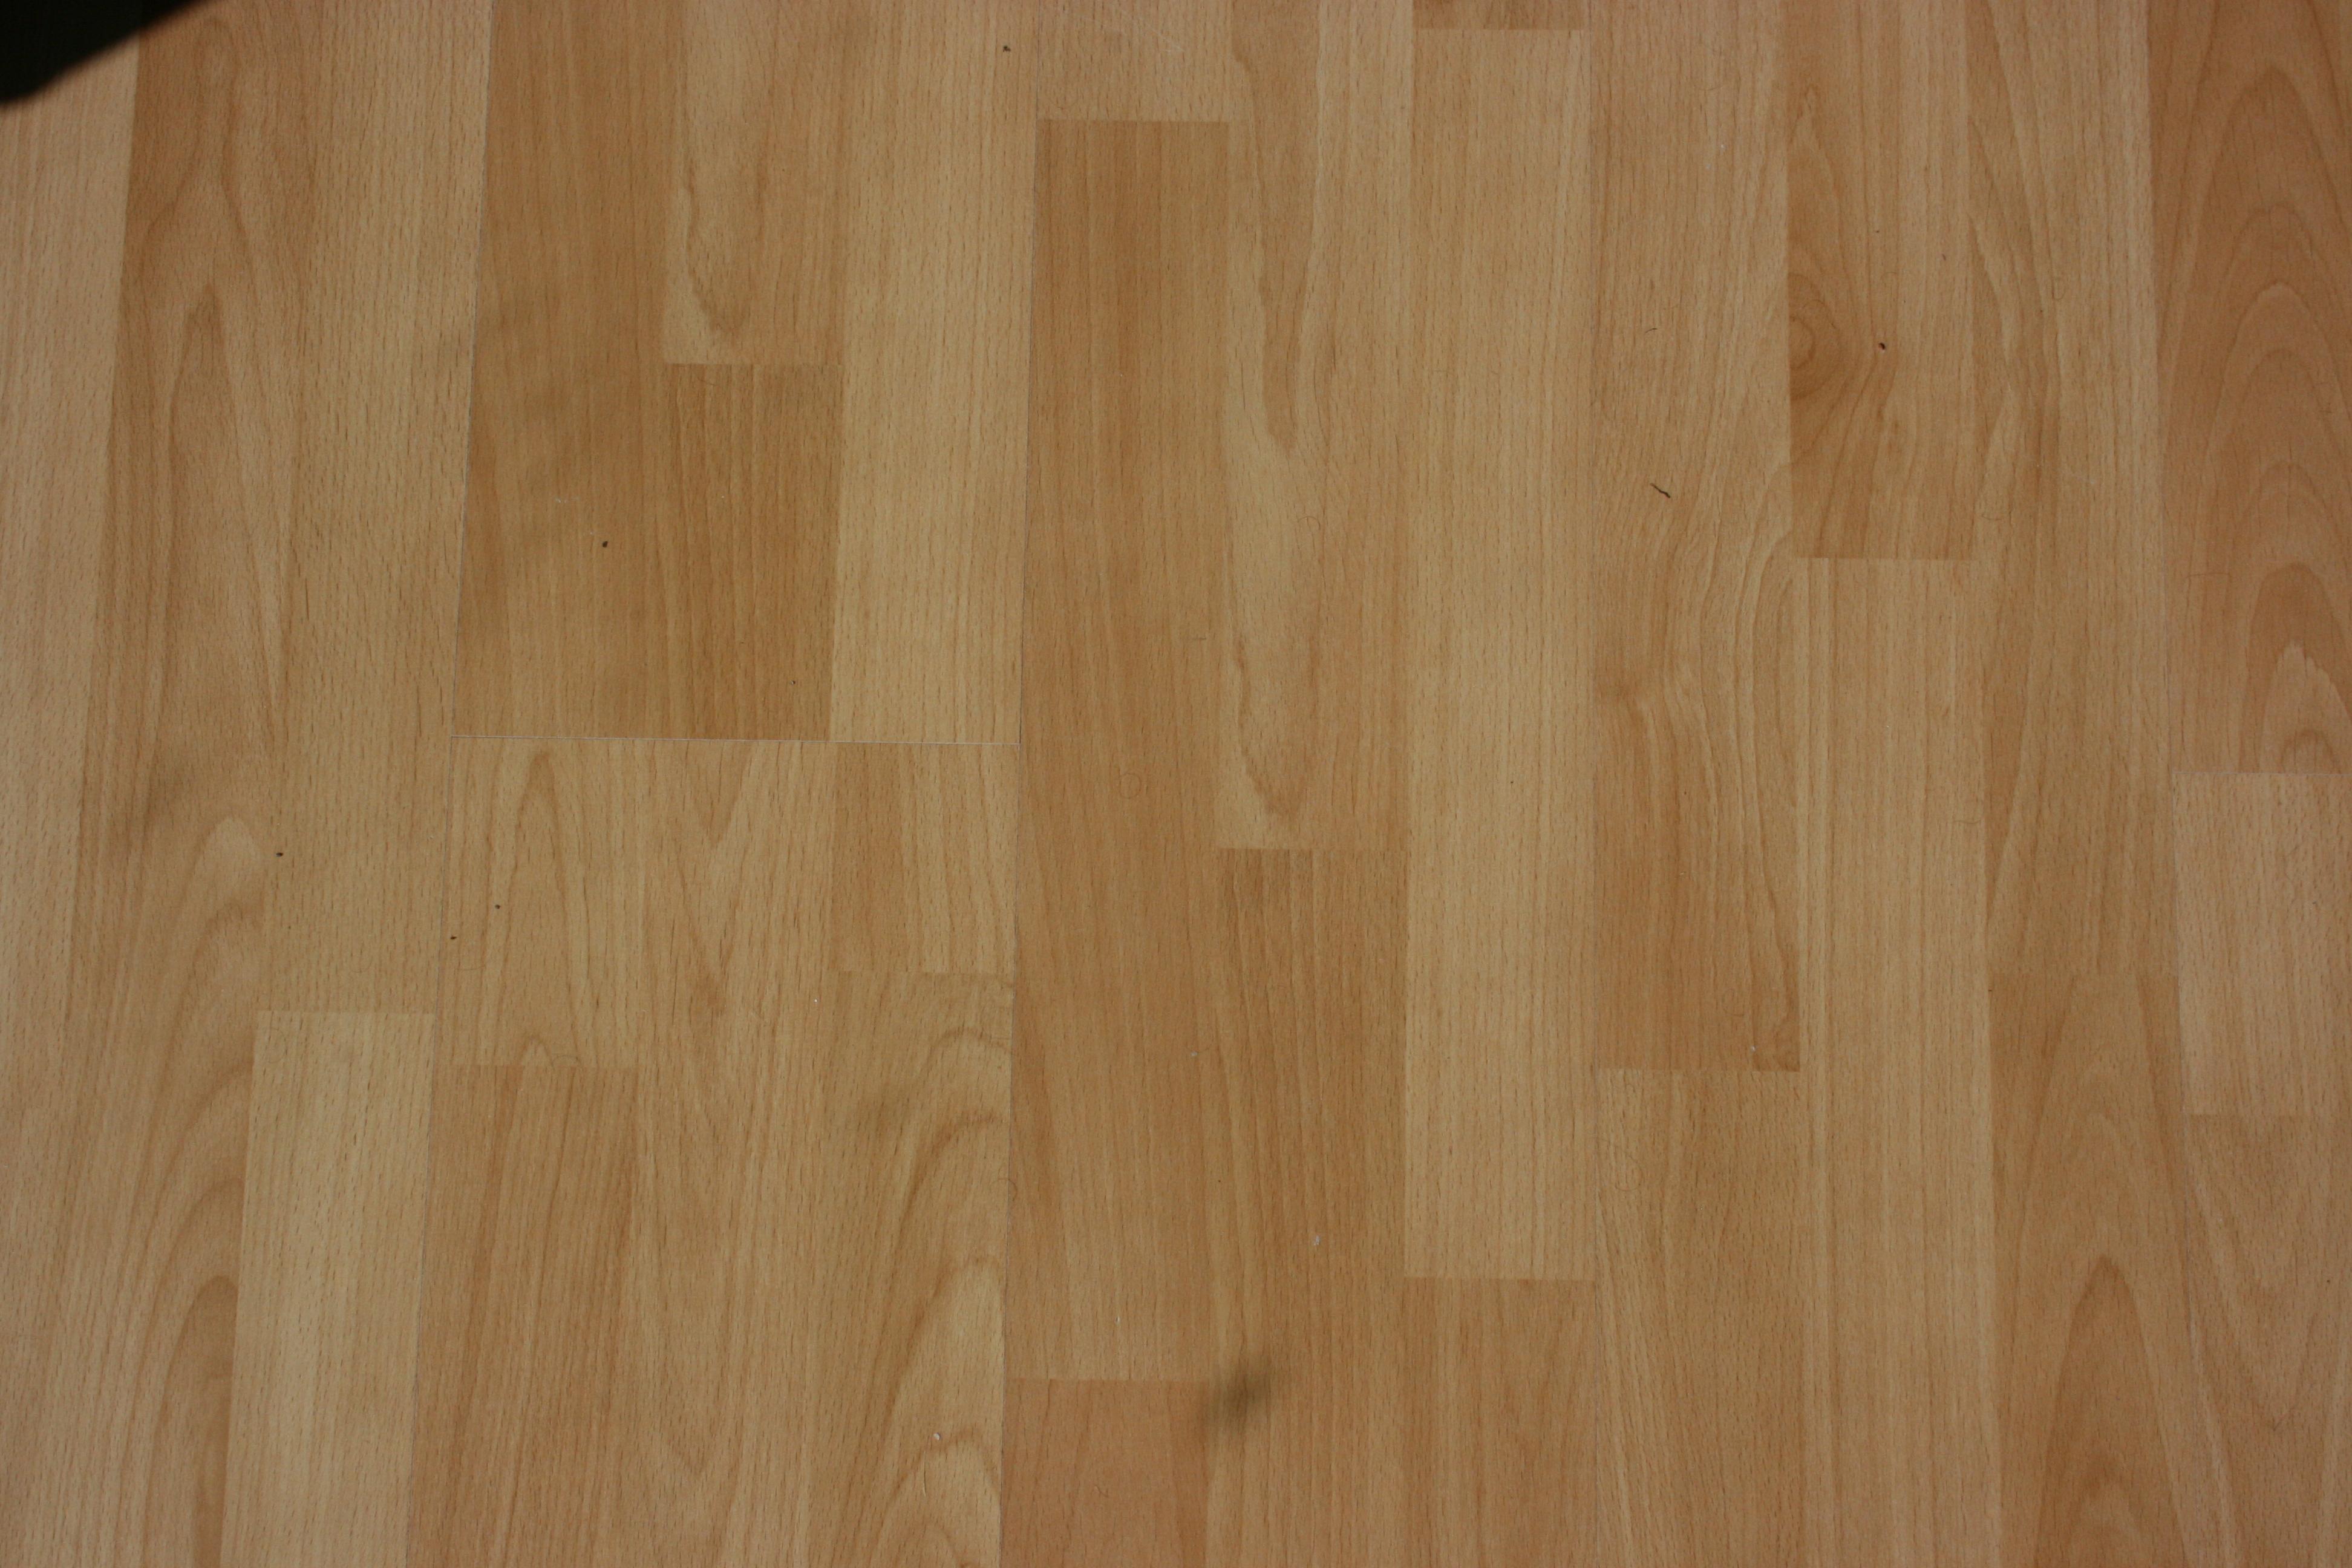 Tilbud på gulvafslibning af trægulve